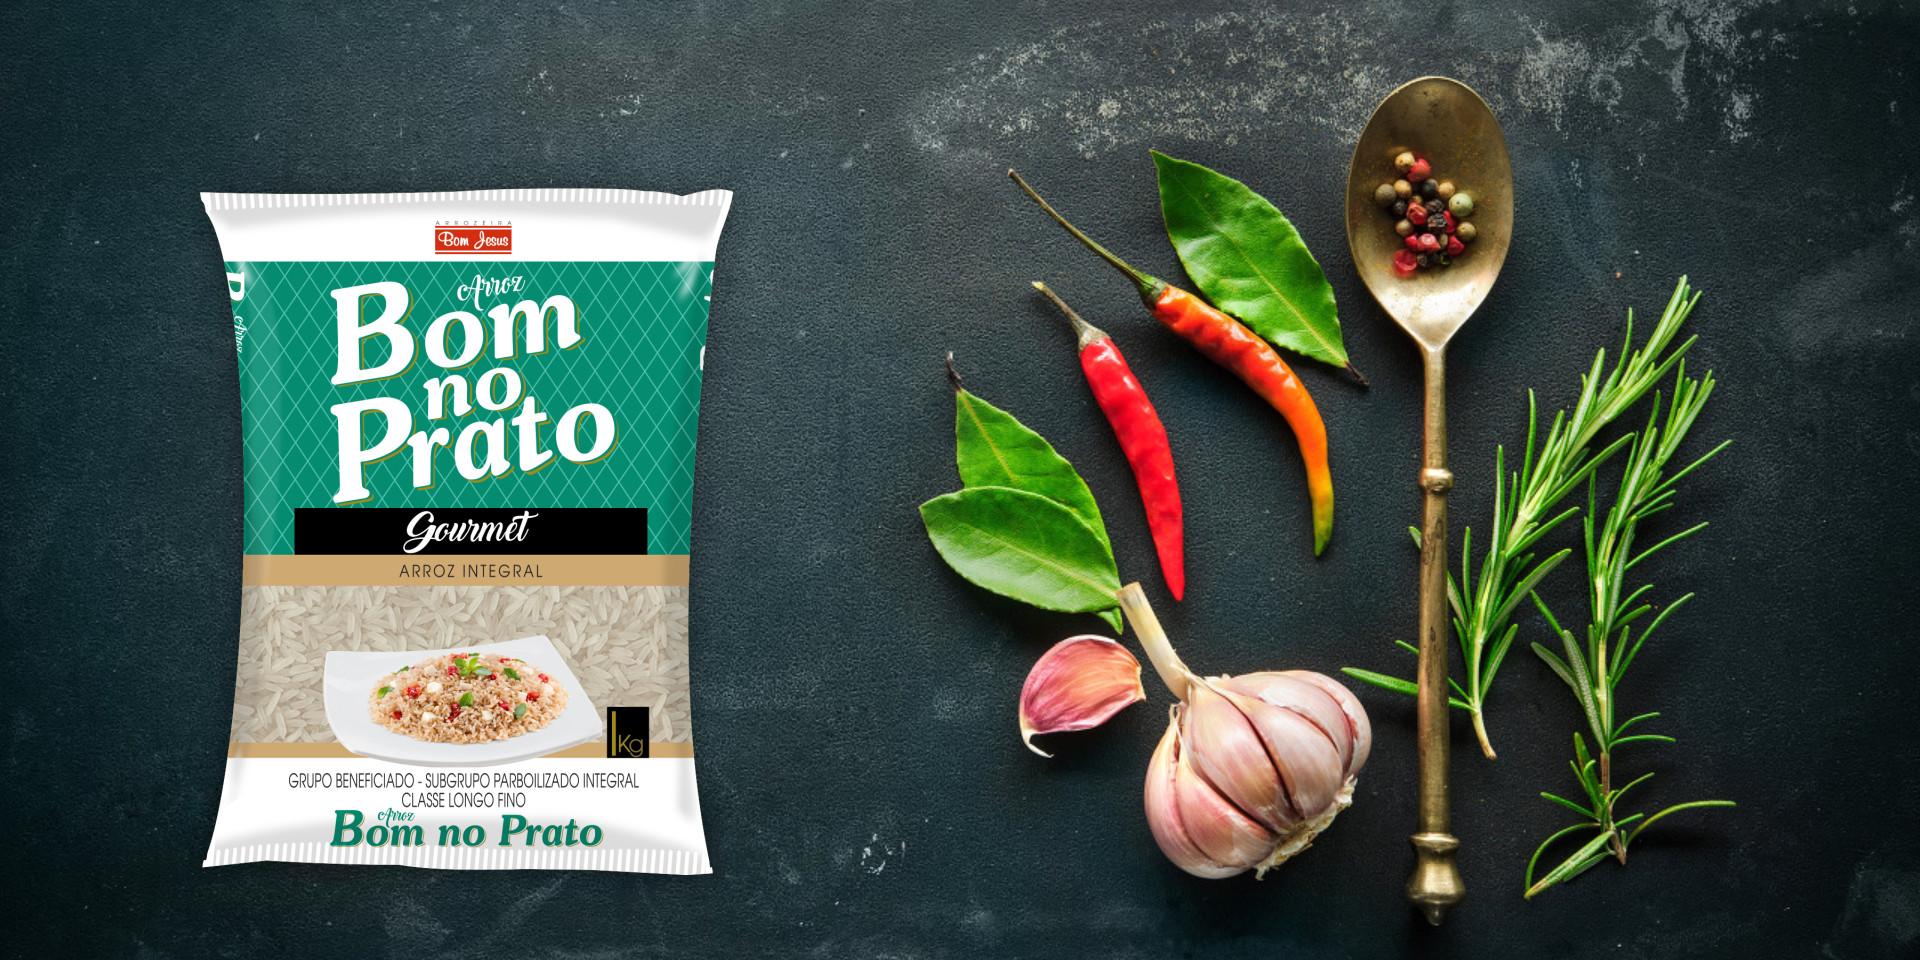 Imagem de fundo mostra as embalagens do arroz integral Bom no Prato, pimentas, alho e uma colher